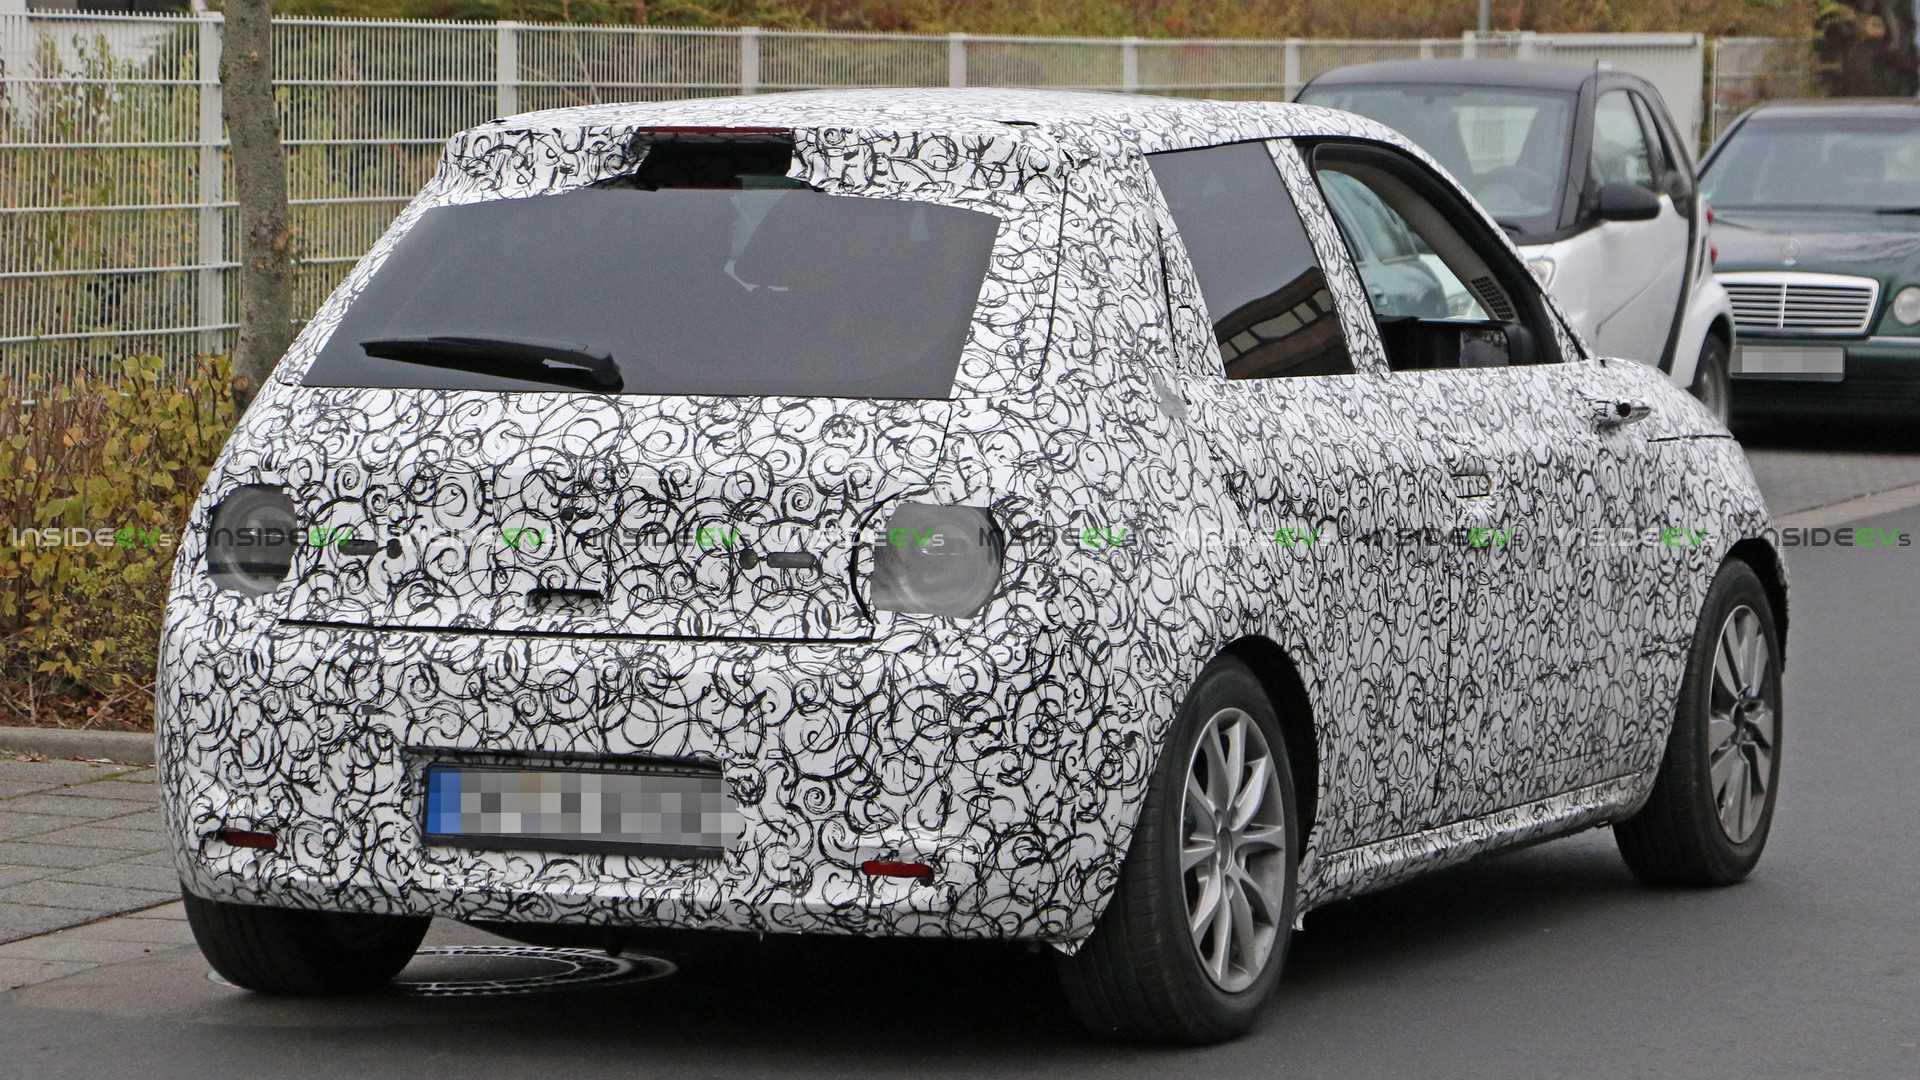 56 Gallery of Honda Ev 2020 New Review for Honda Ev 2020